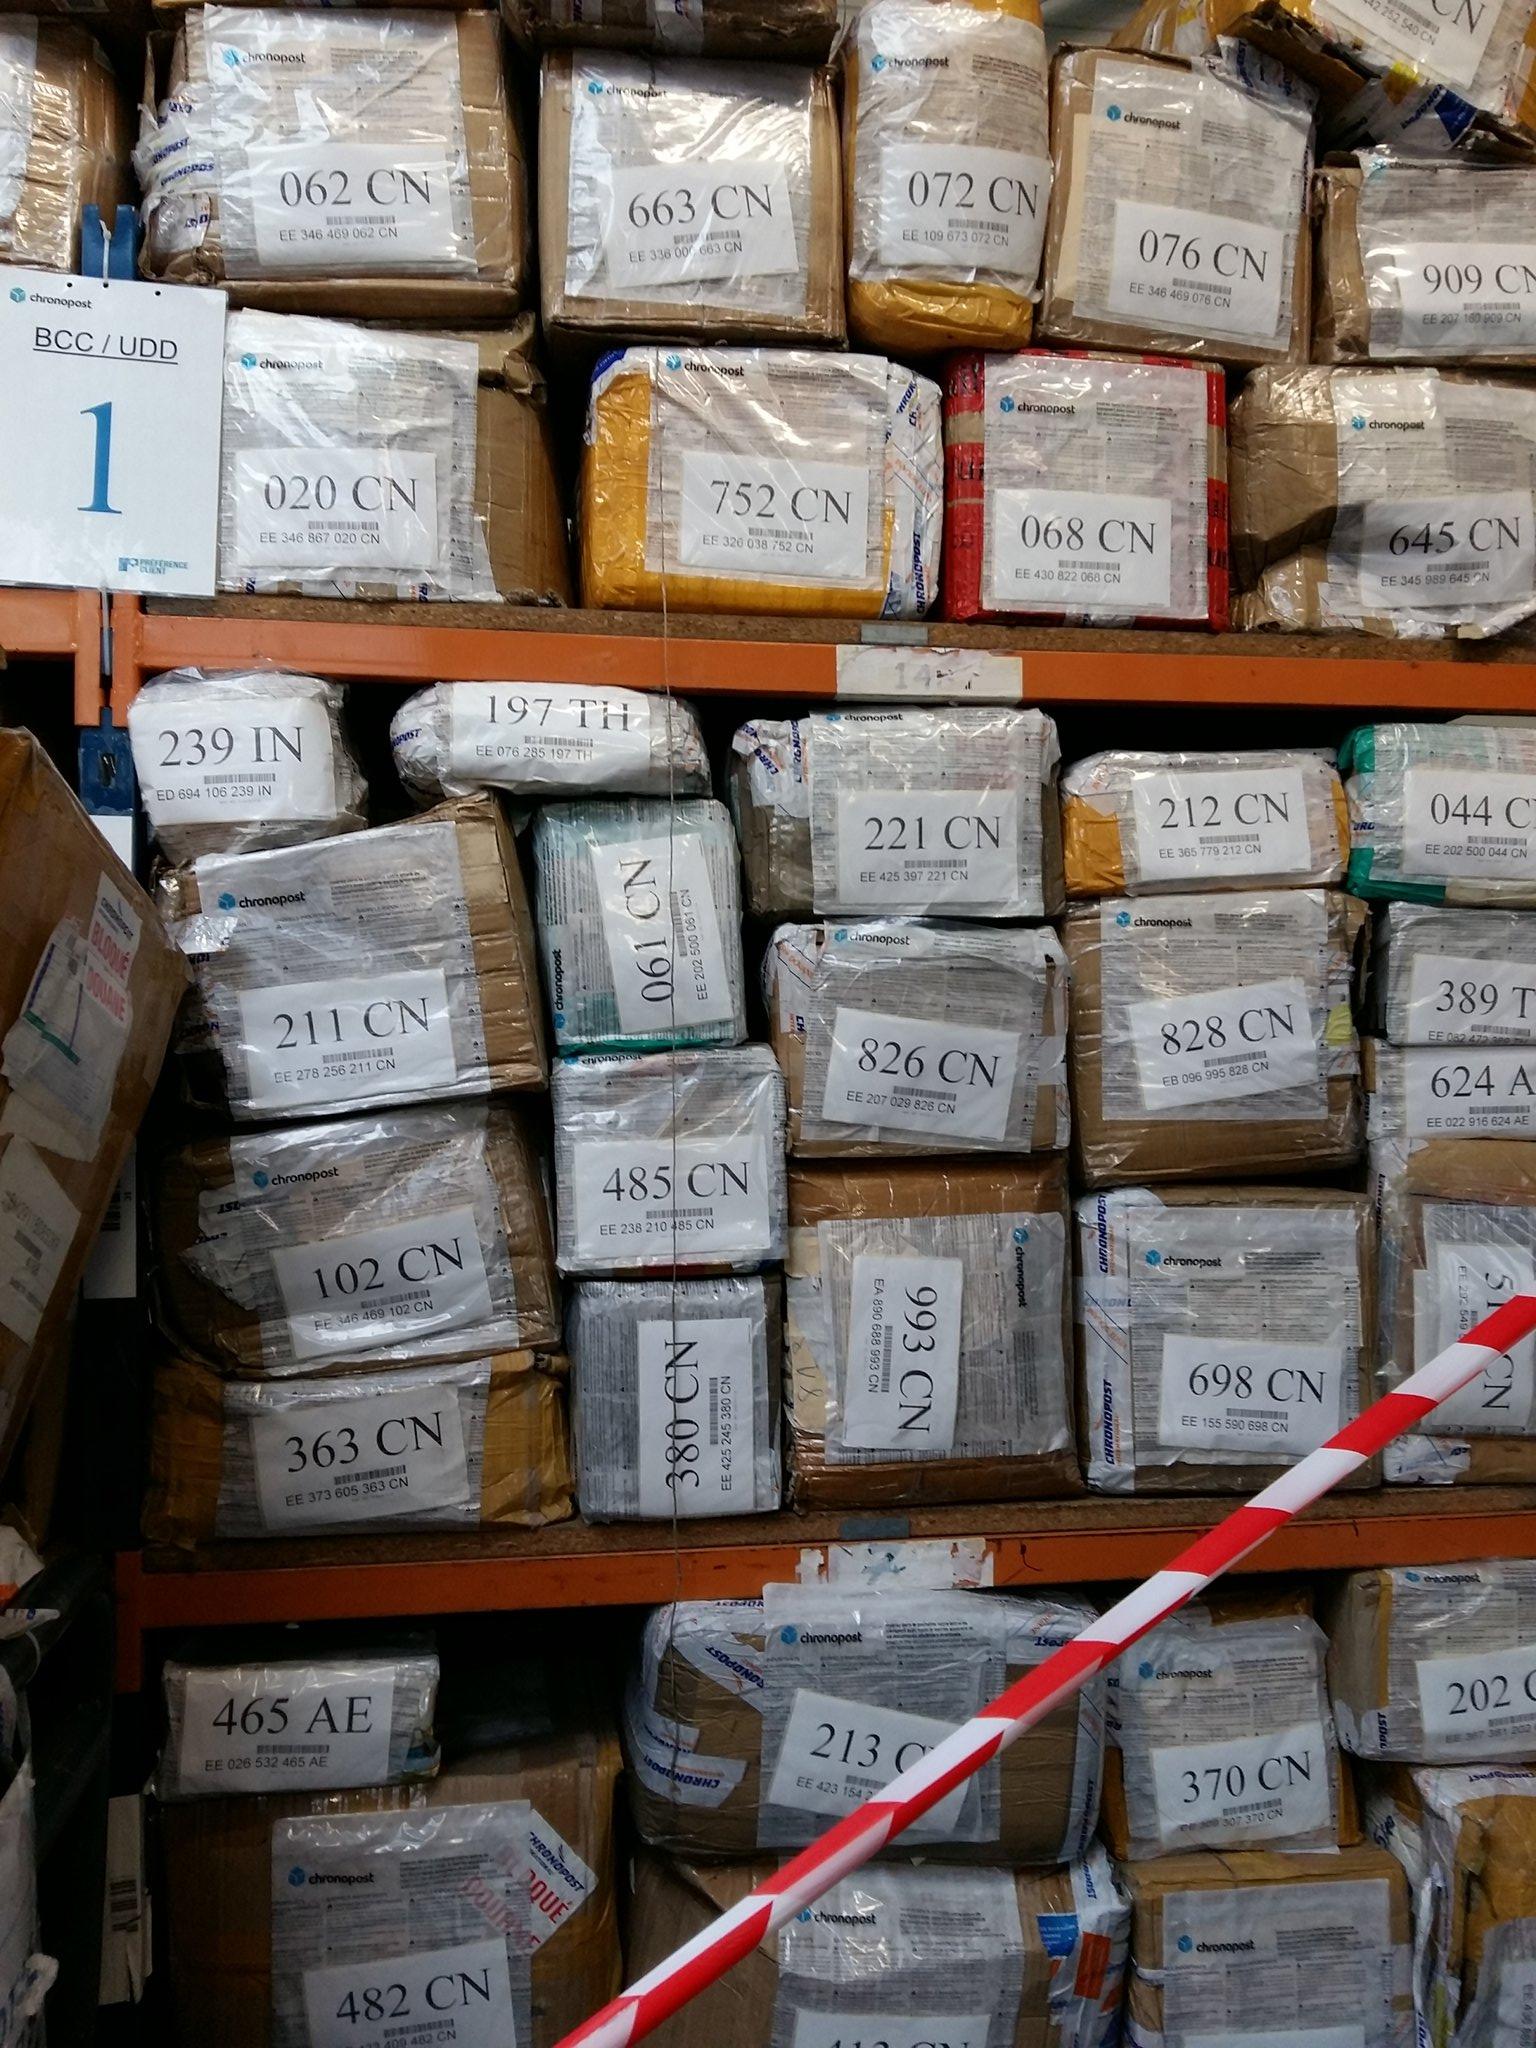 #Douanes Roissy.  Un mois de saisie de colis litigieux. En 1 an 650 tonnes de marchandises détruites. https://t.co/9XgVyDSlnN